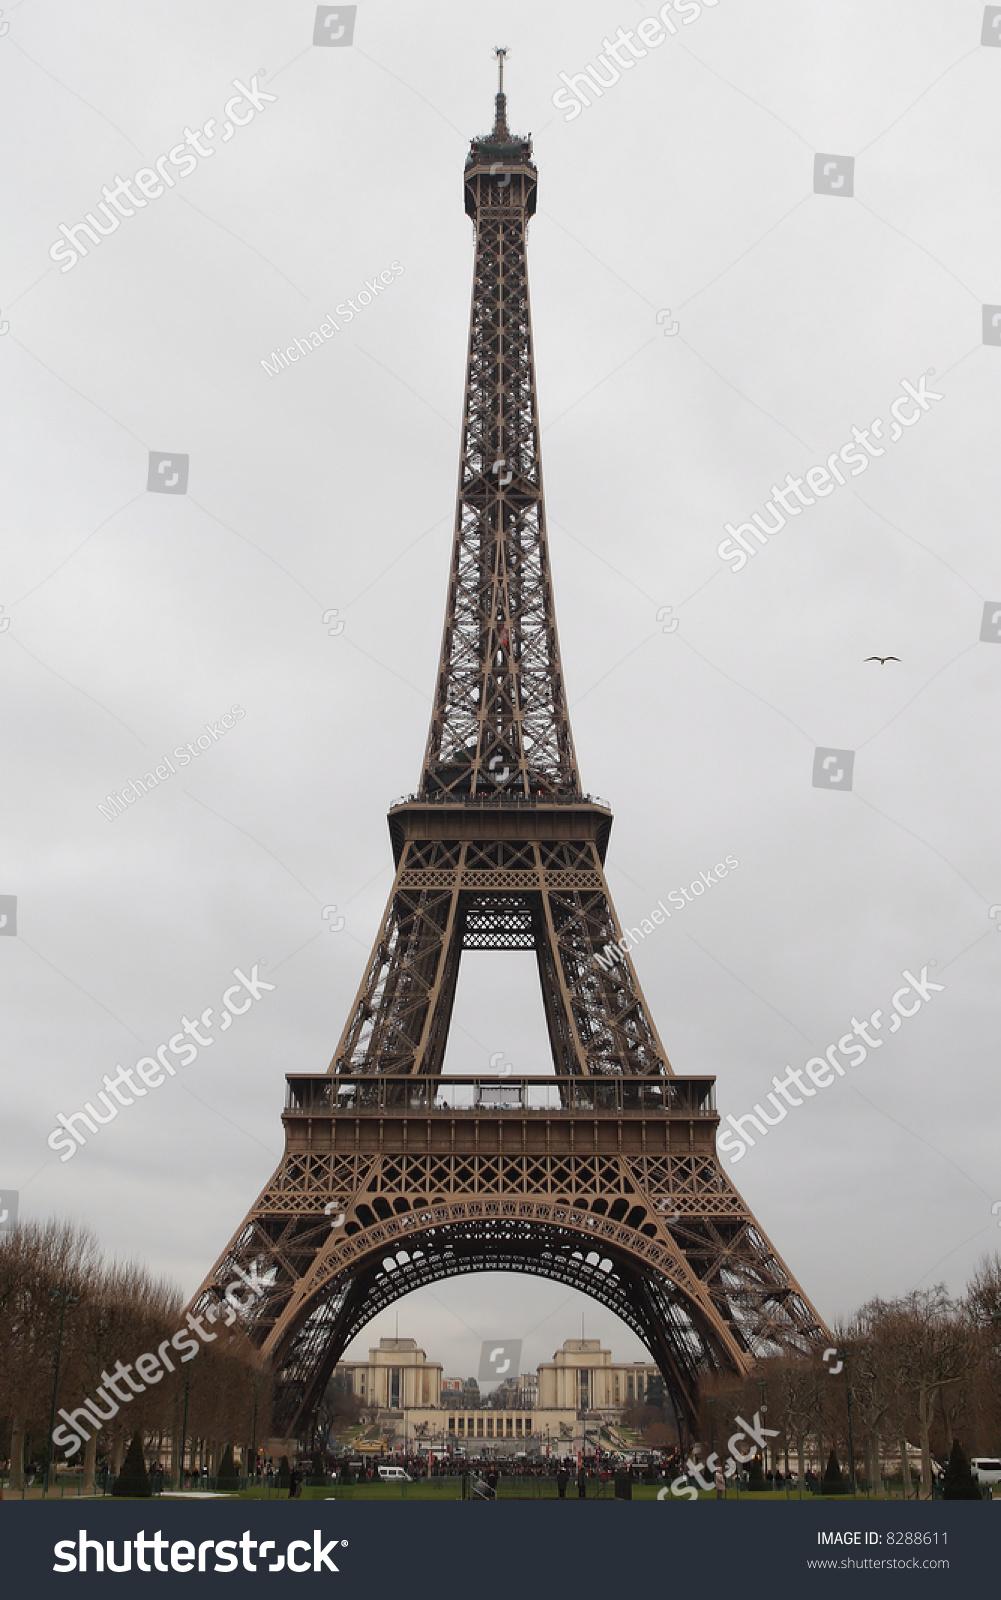 埃菲尔铁塔,巴黎,法国在冬天-建筑物/地标